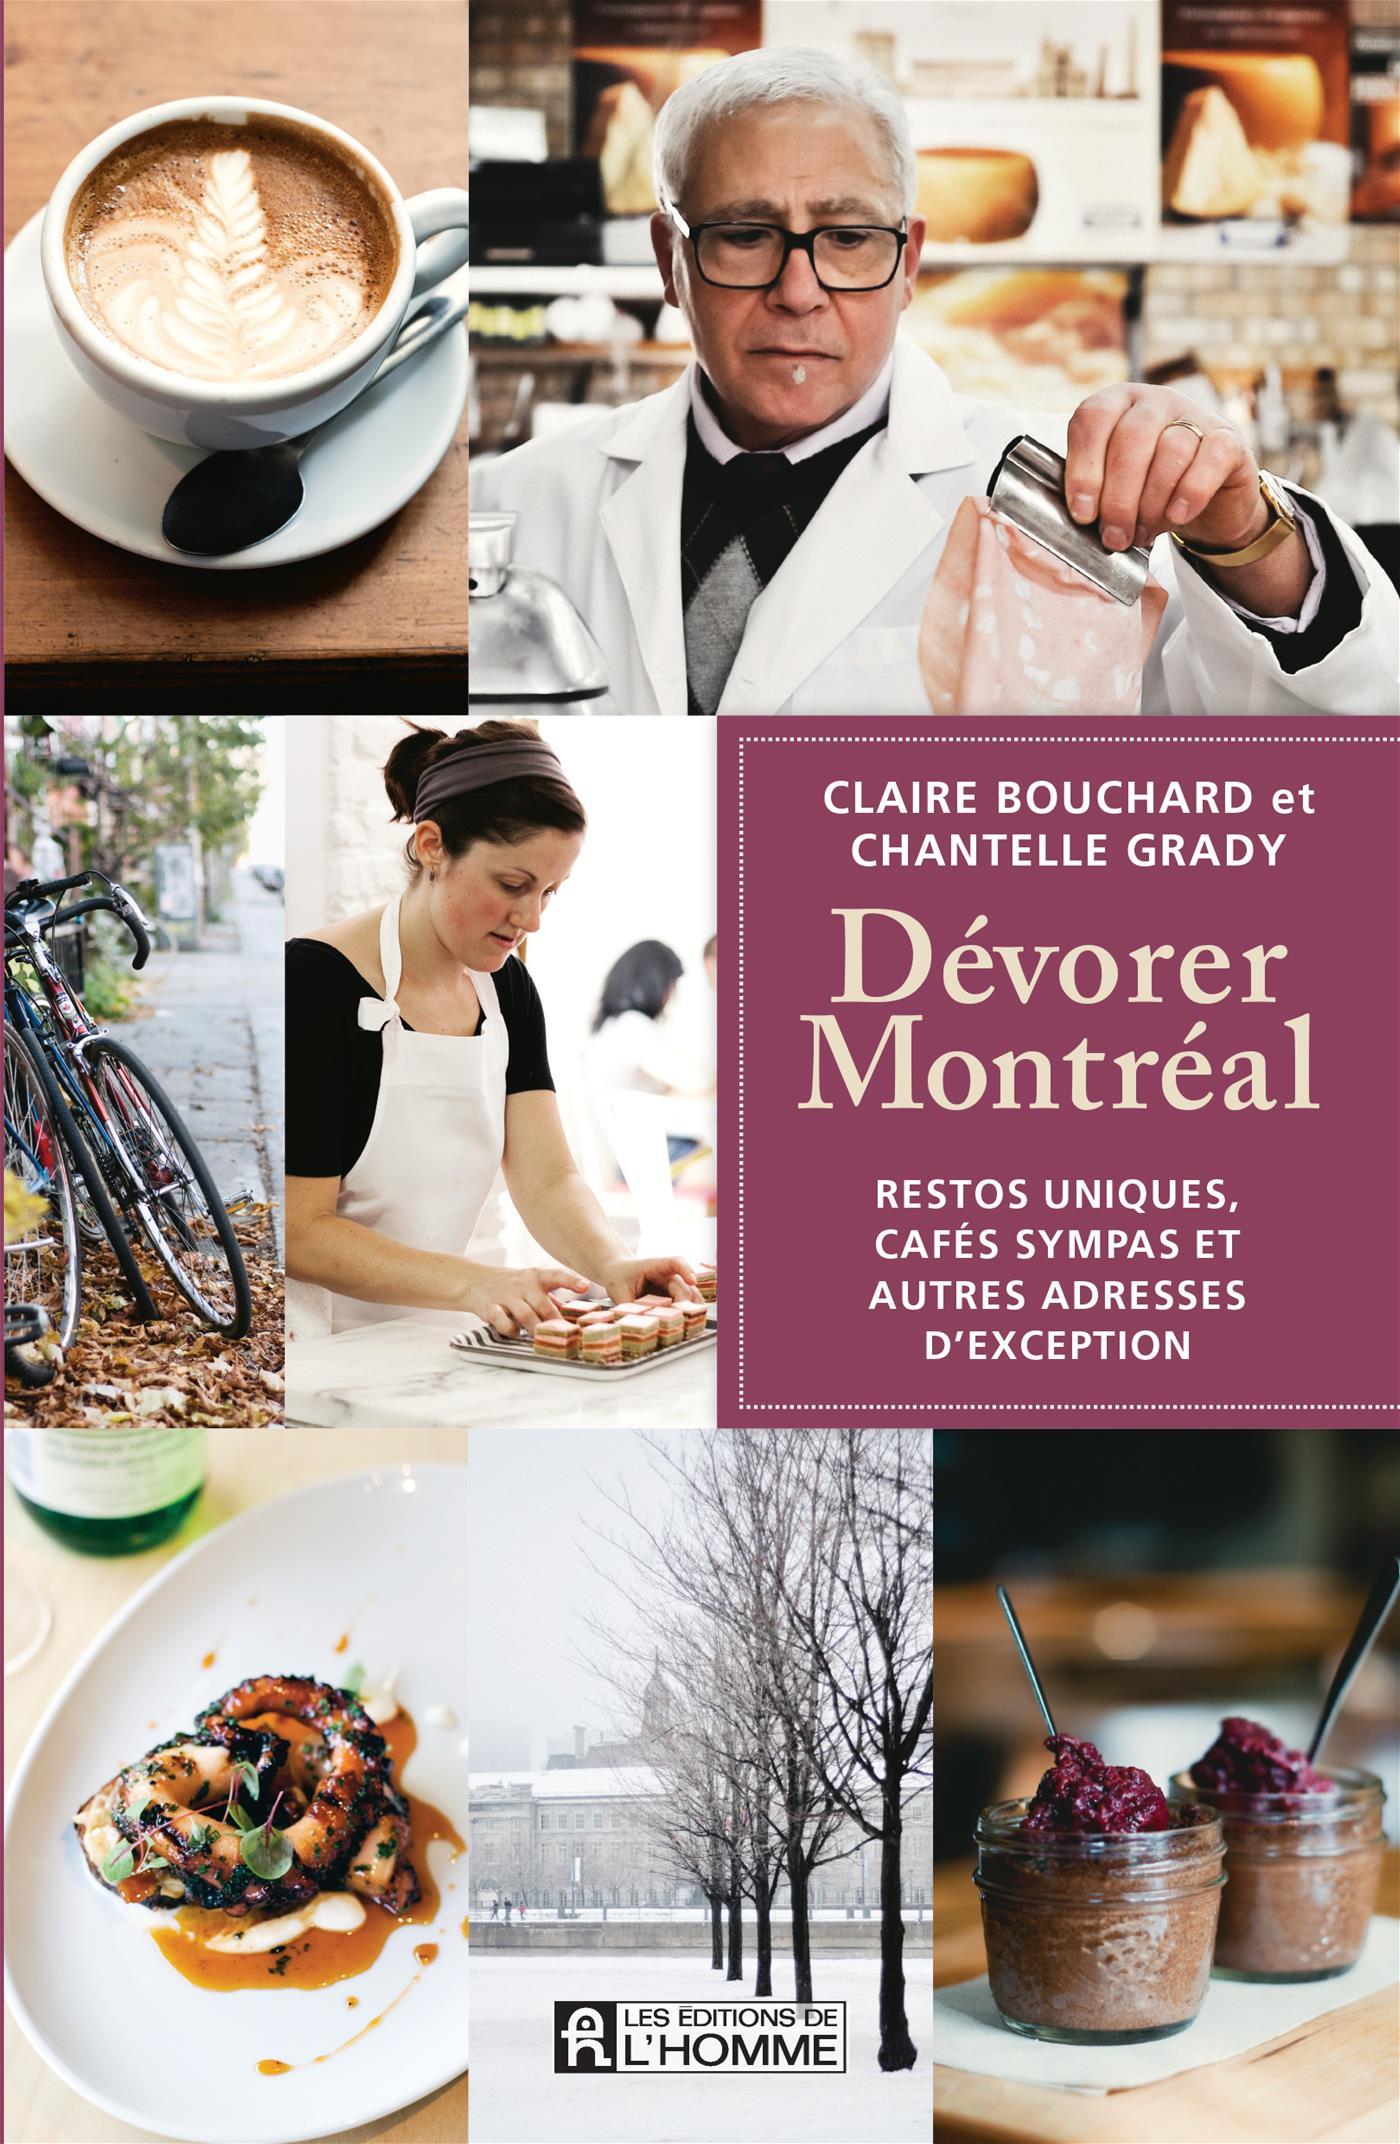 Dévorer Montréal